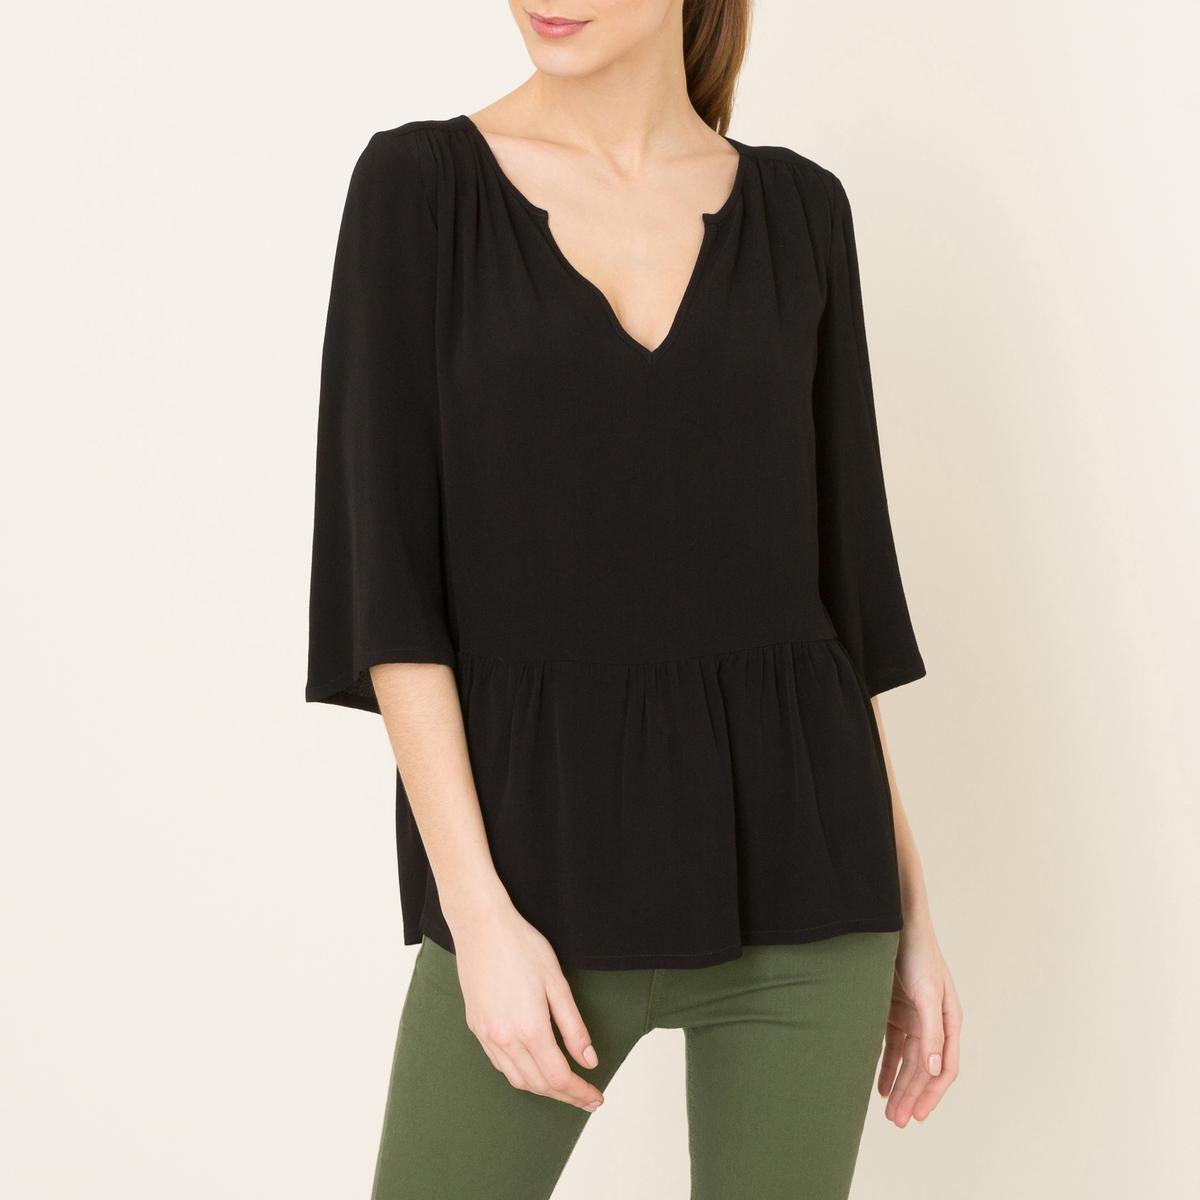 Блузка YOOLБлузка объемная BA&amp;SH - модель YOOL из струящейся однотонной ткани . Тунисский воротник. Рукава ?, расширяющиеся книзу. Сборки на отрезной талии  . Состав и описание    Материал : 100% вискоза   Марка : BA&amp;SH<br><br>Цвет: черный